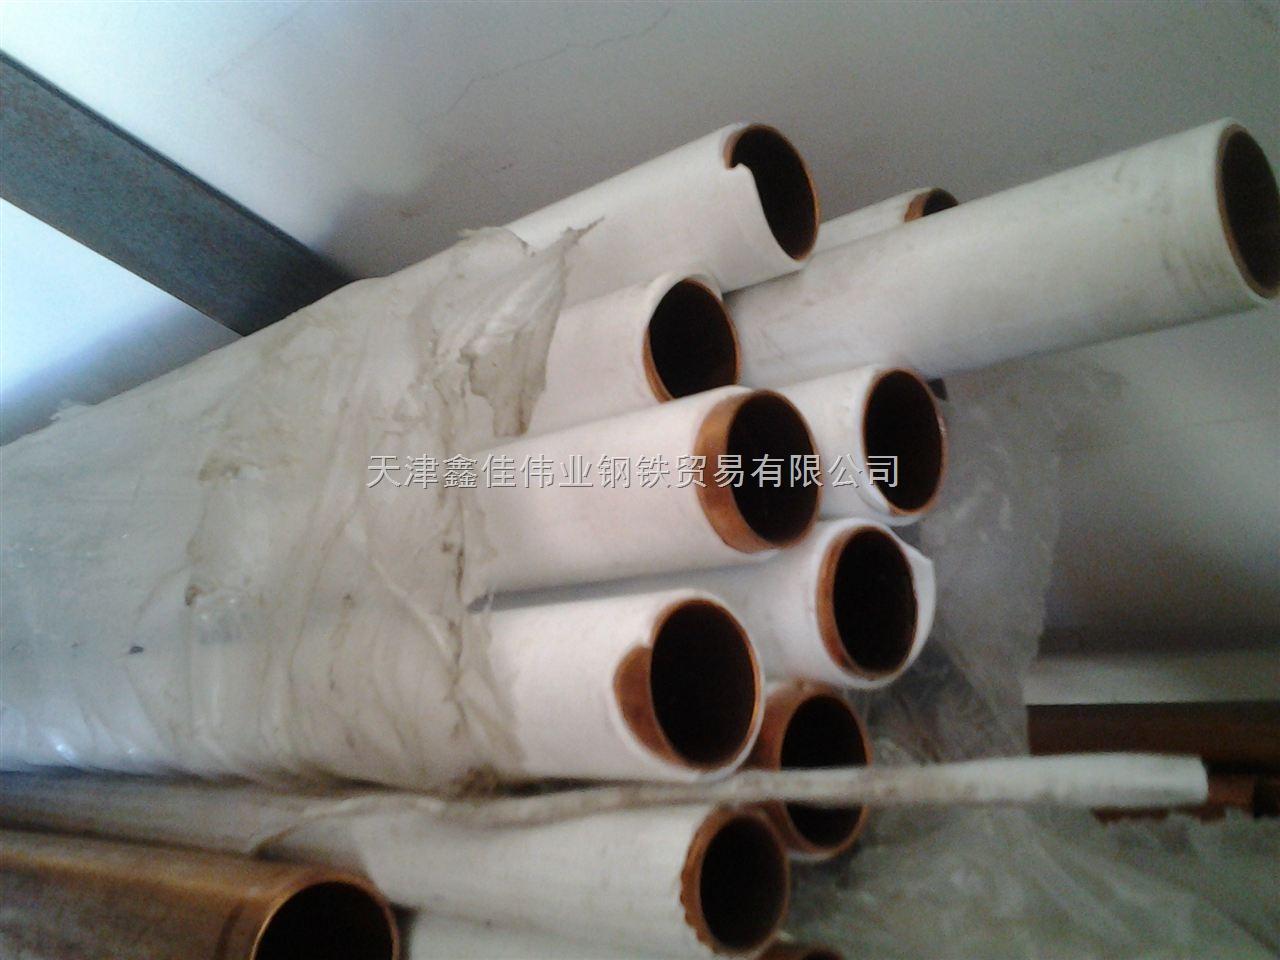 赣州包塑紫铜管,覆塑紫铜管,包塑铜管价格